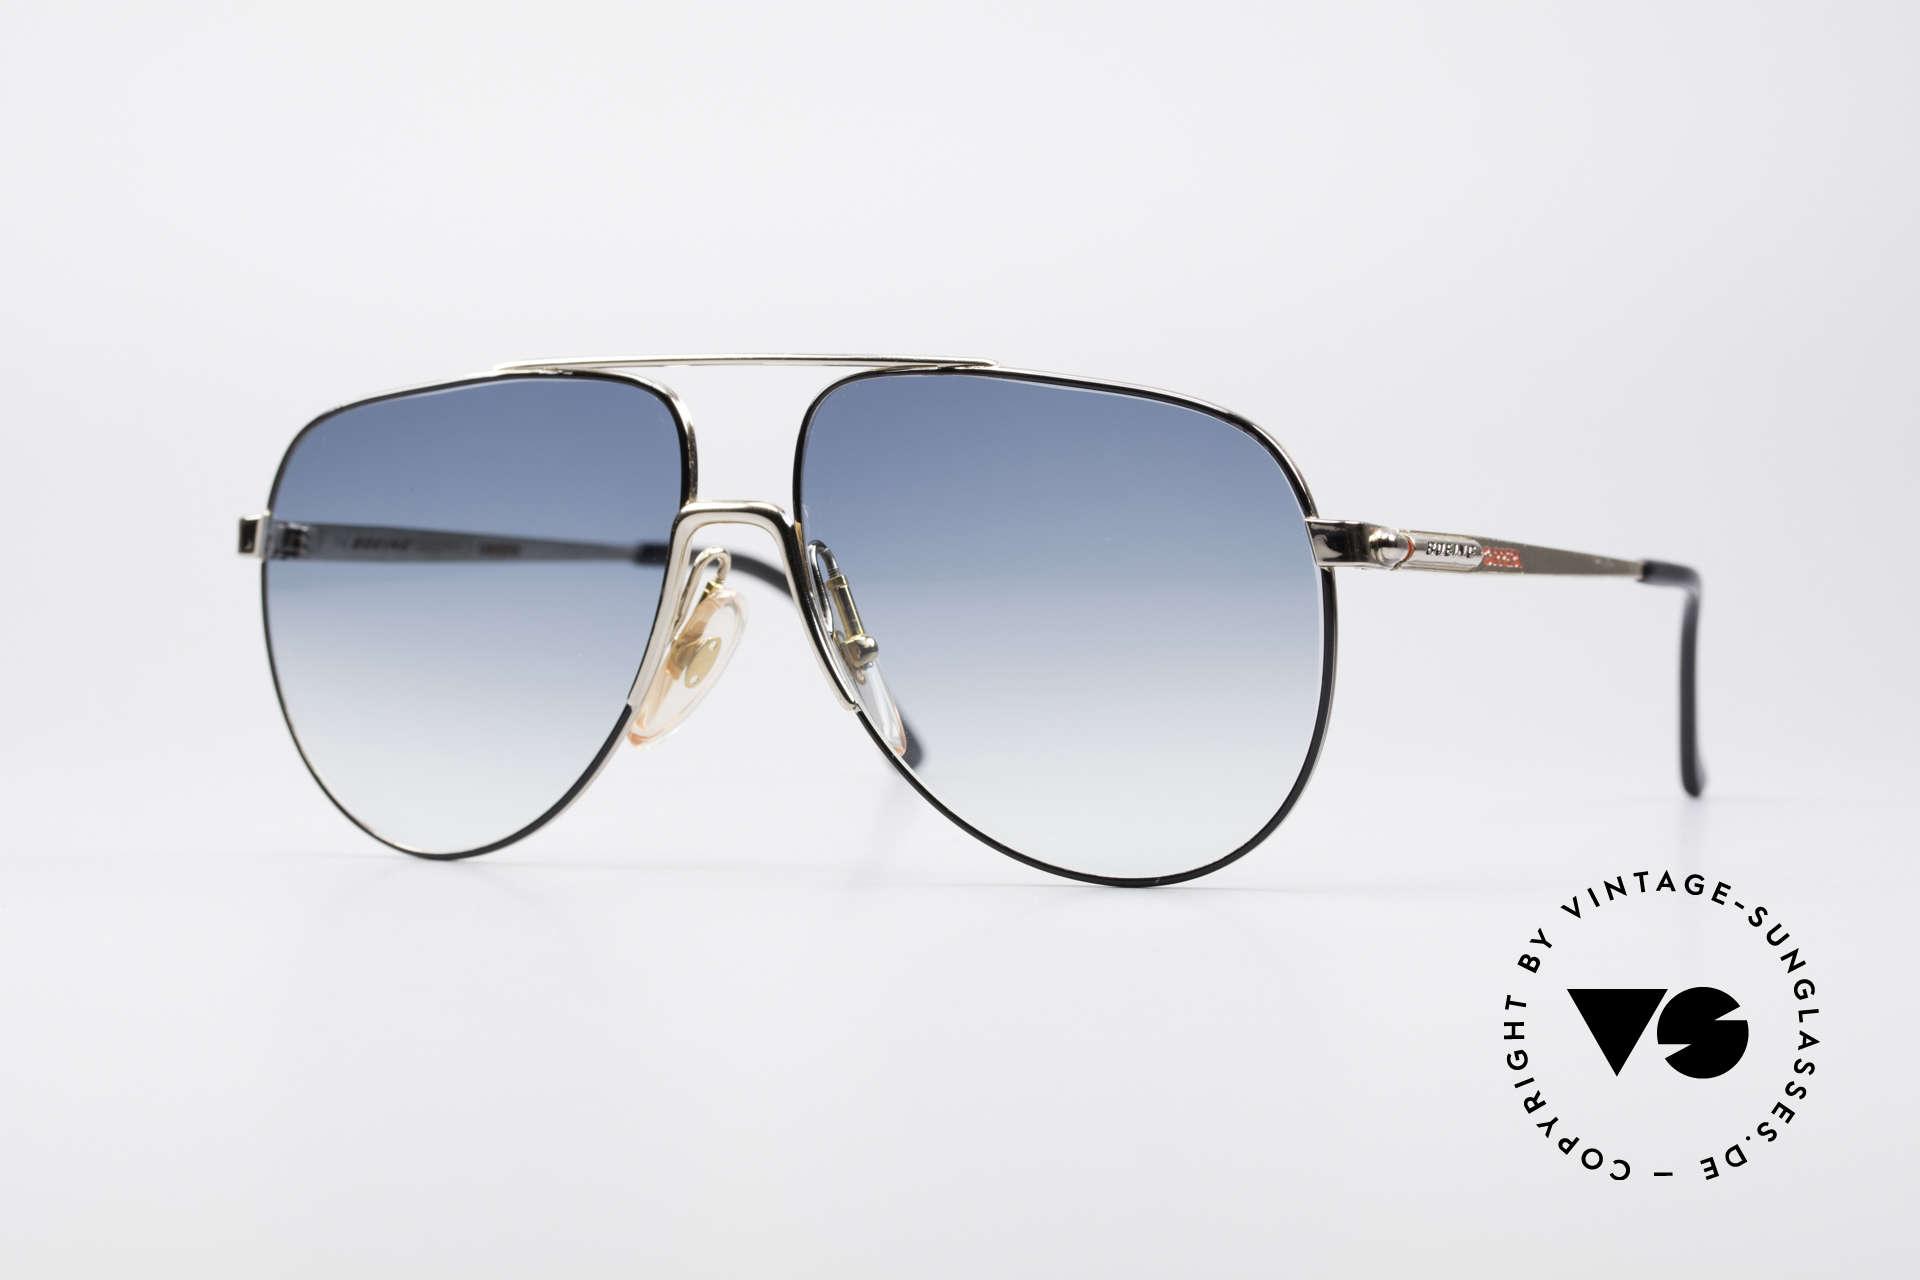 Boeing 5730 Echte Pilotensonnenbrille, echte Pilotenbrille aus den späten 80ern von Carrera, Passend für Herren